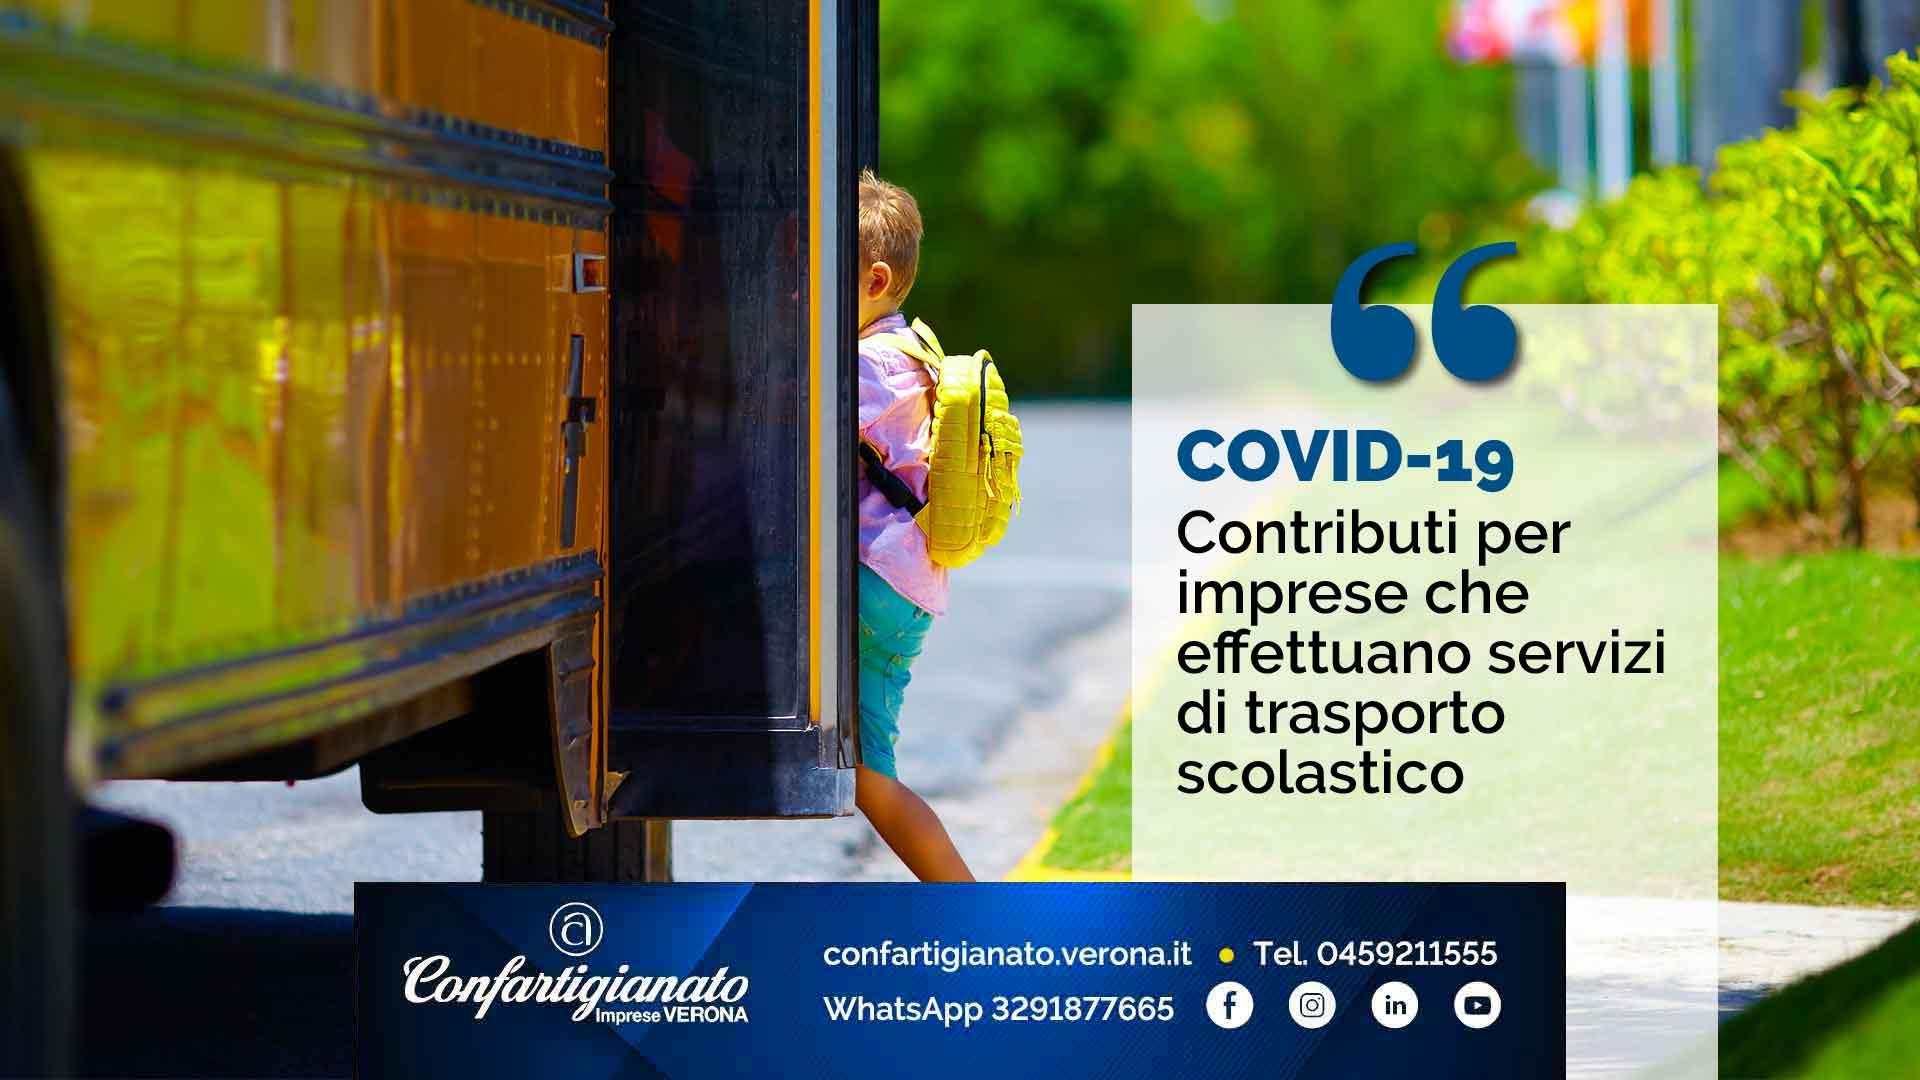 COVID-19 – Contributi per imprese che effettuano servizi di trasporto scolastico